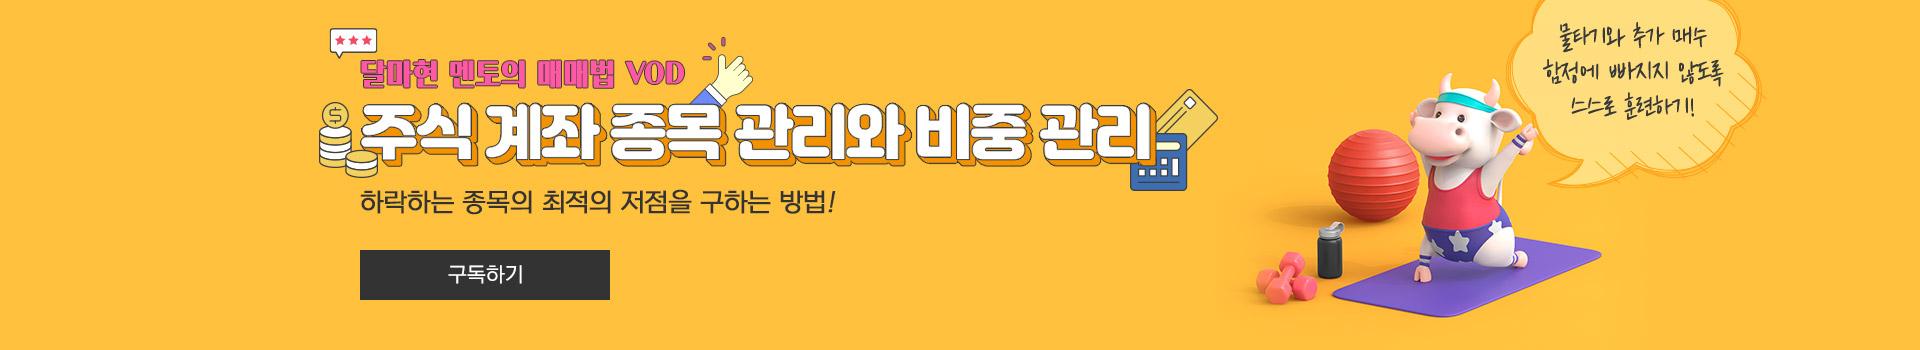 달마현 유료 VOD